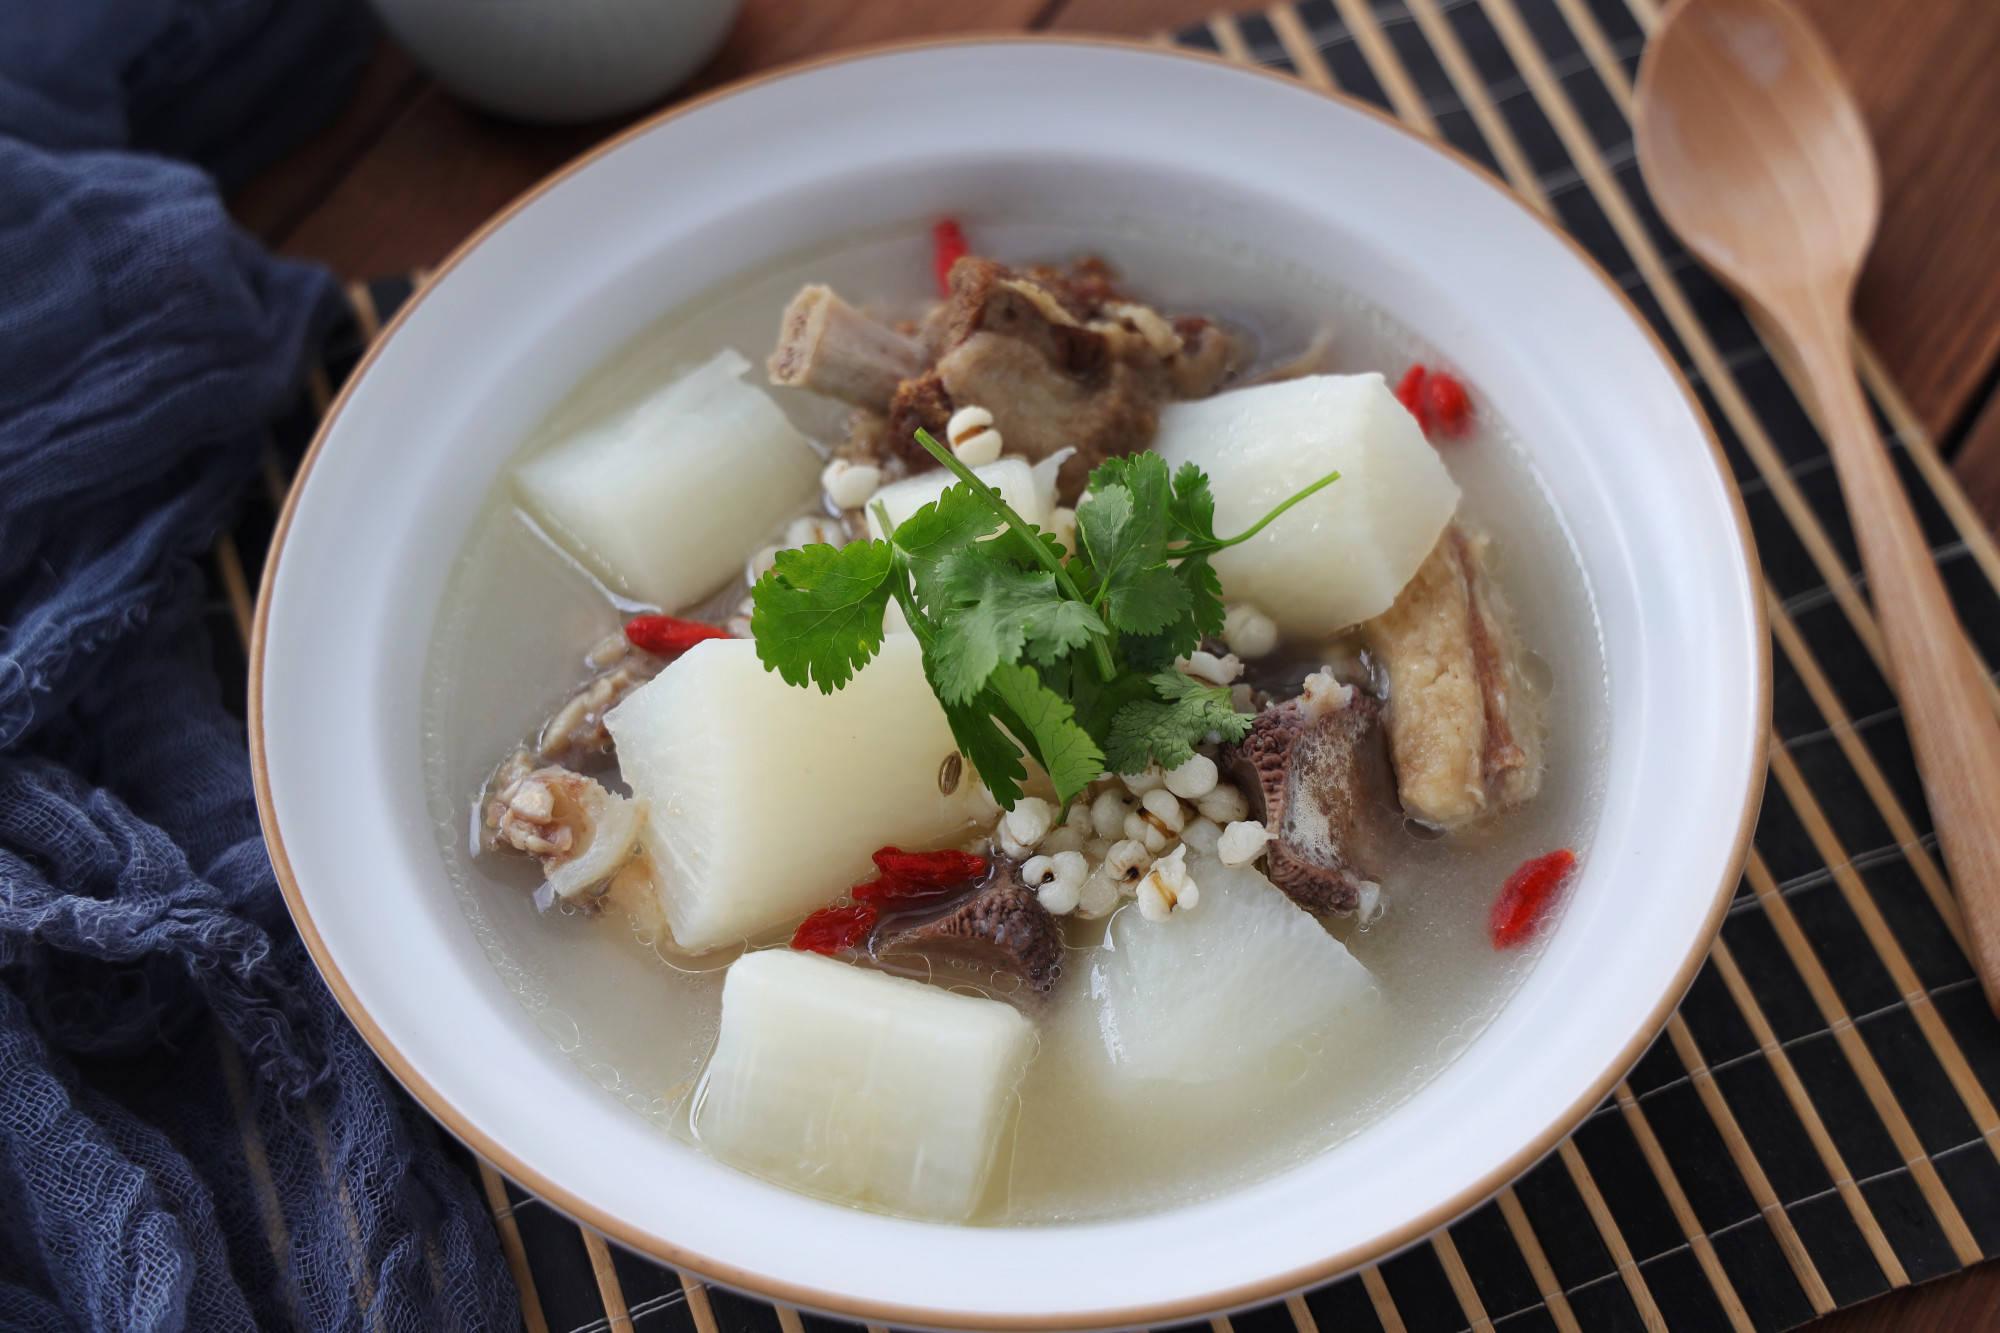 在最初的微寒季节,这种汤一定要多喝,才能驱寒保暖,帮助消化。